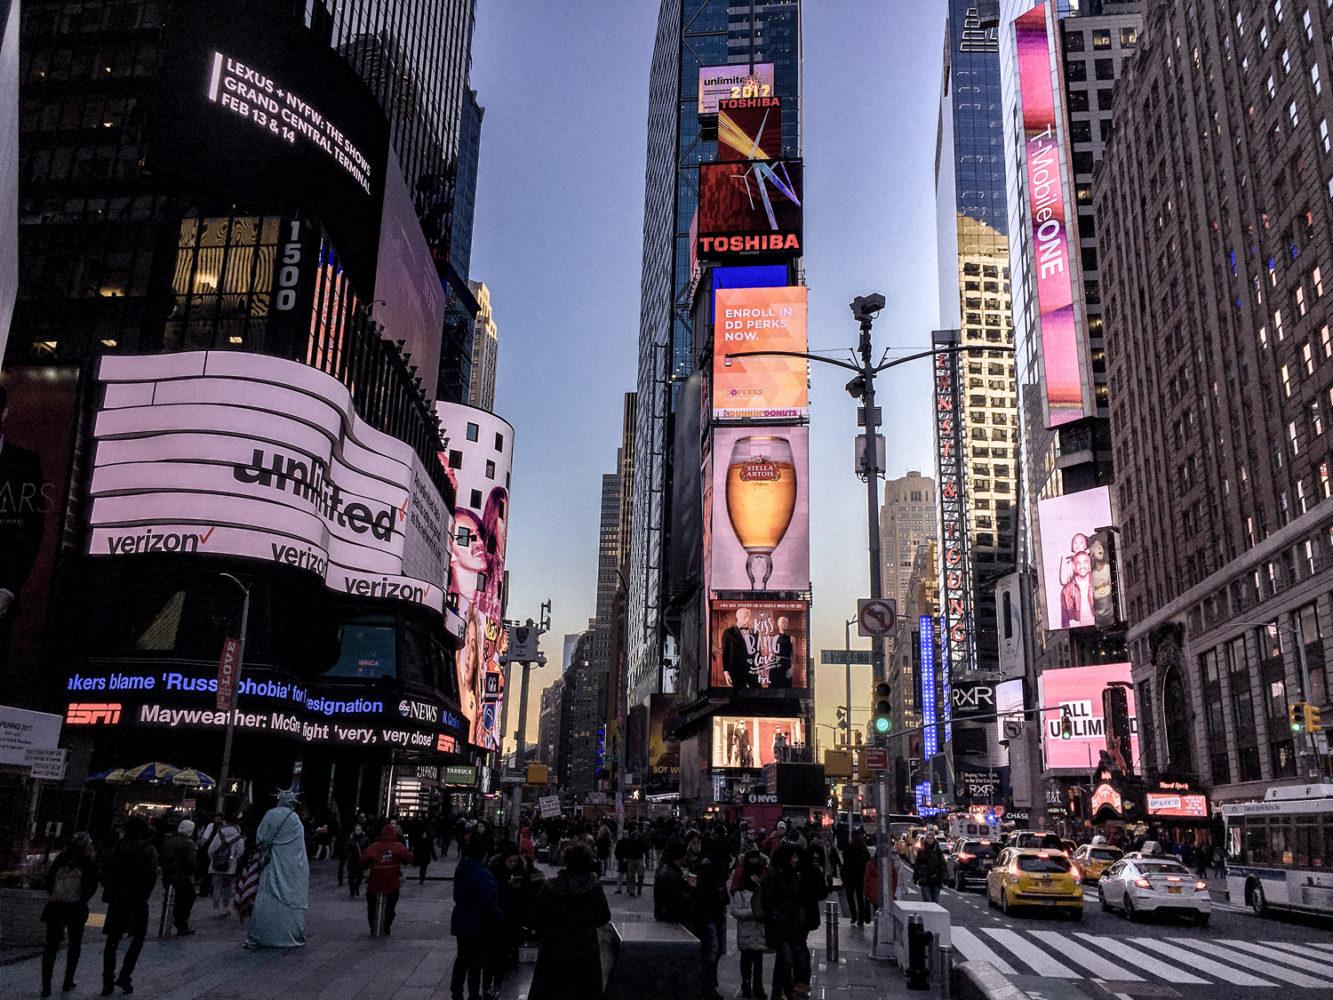 Les panneaux publicitaires illuminent la rue